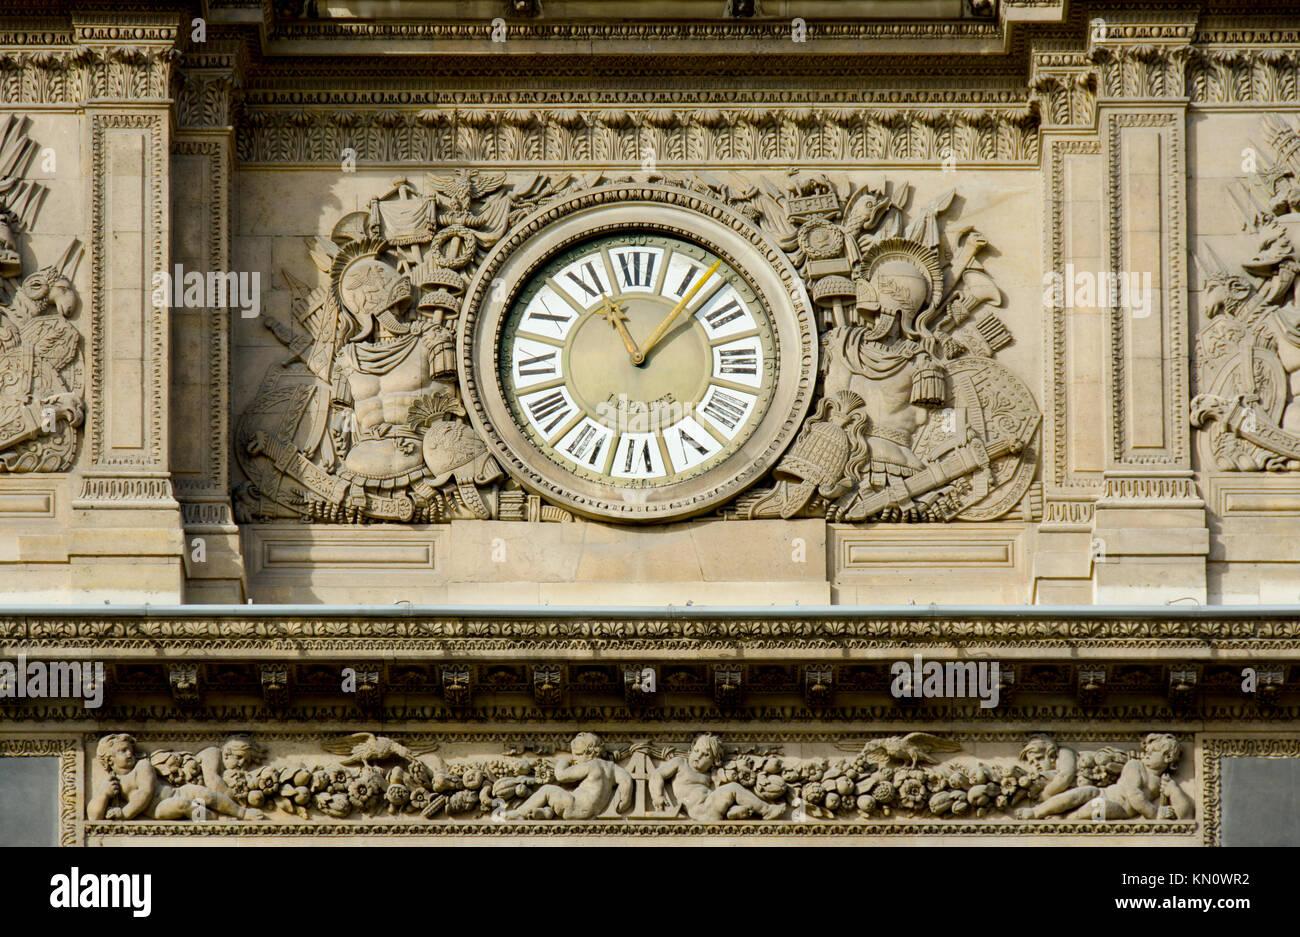 Paris, France. Palais du Louvre. Pavillion de l'Horlogue - clock in the Cour Carree (Jean André Lepaute) - Stock Image